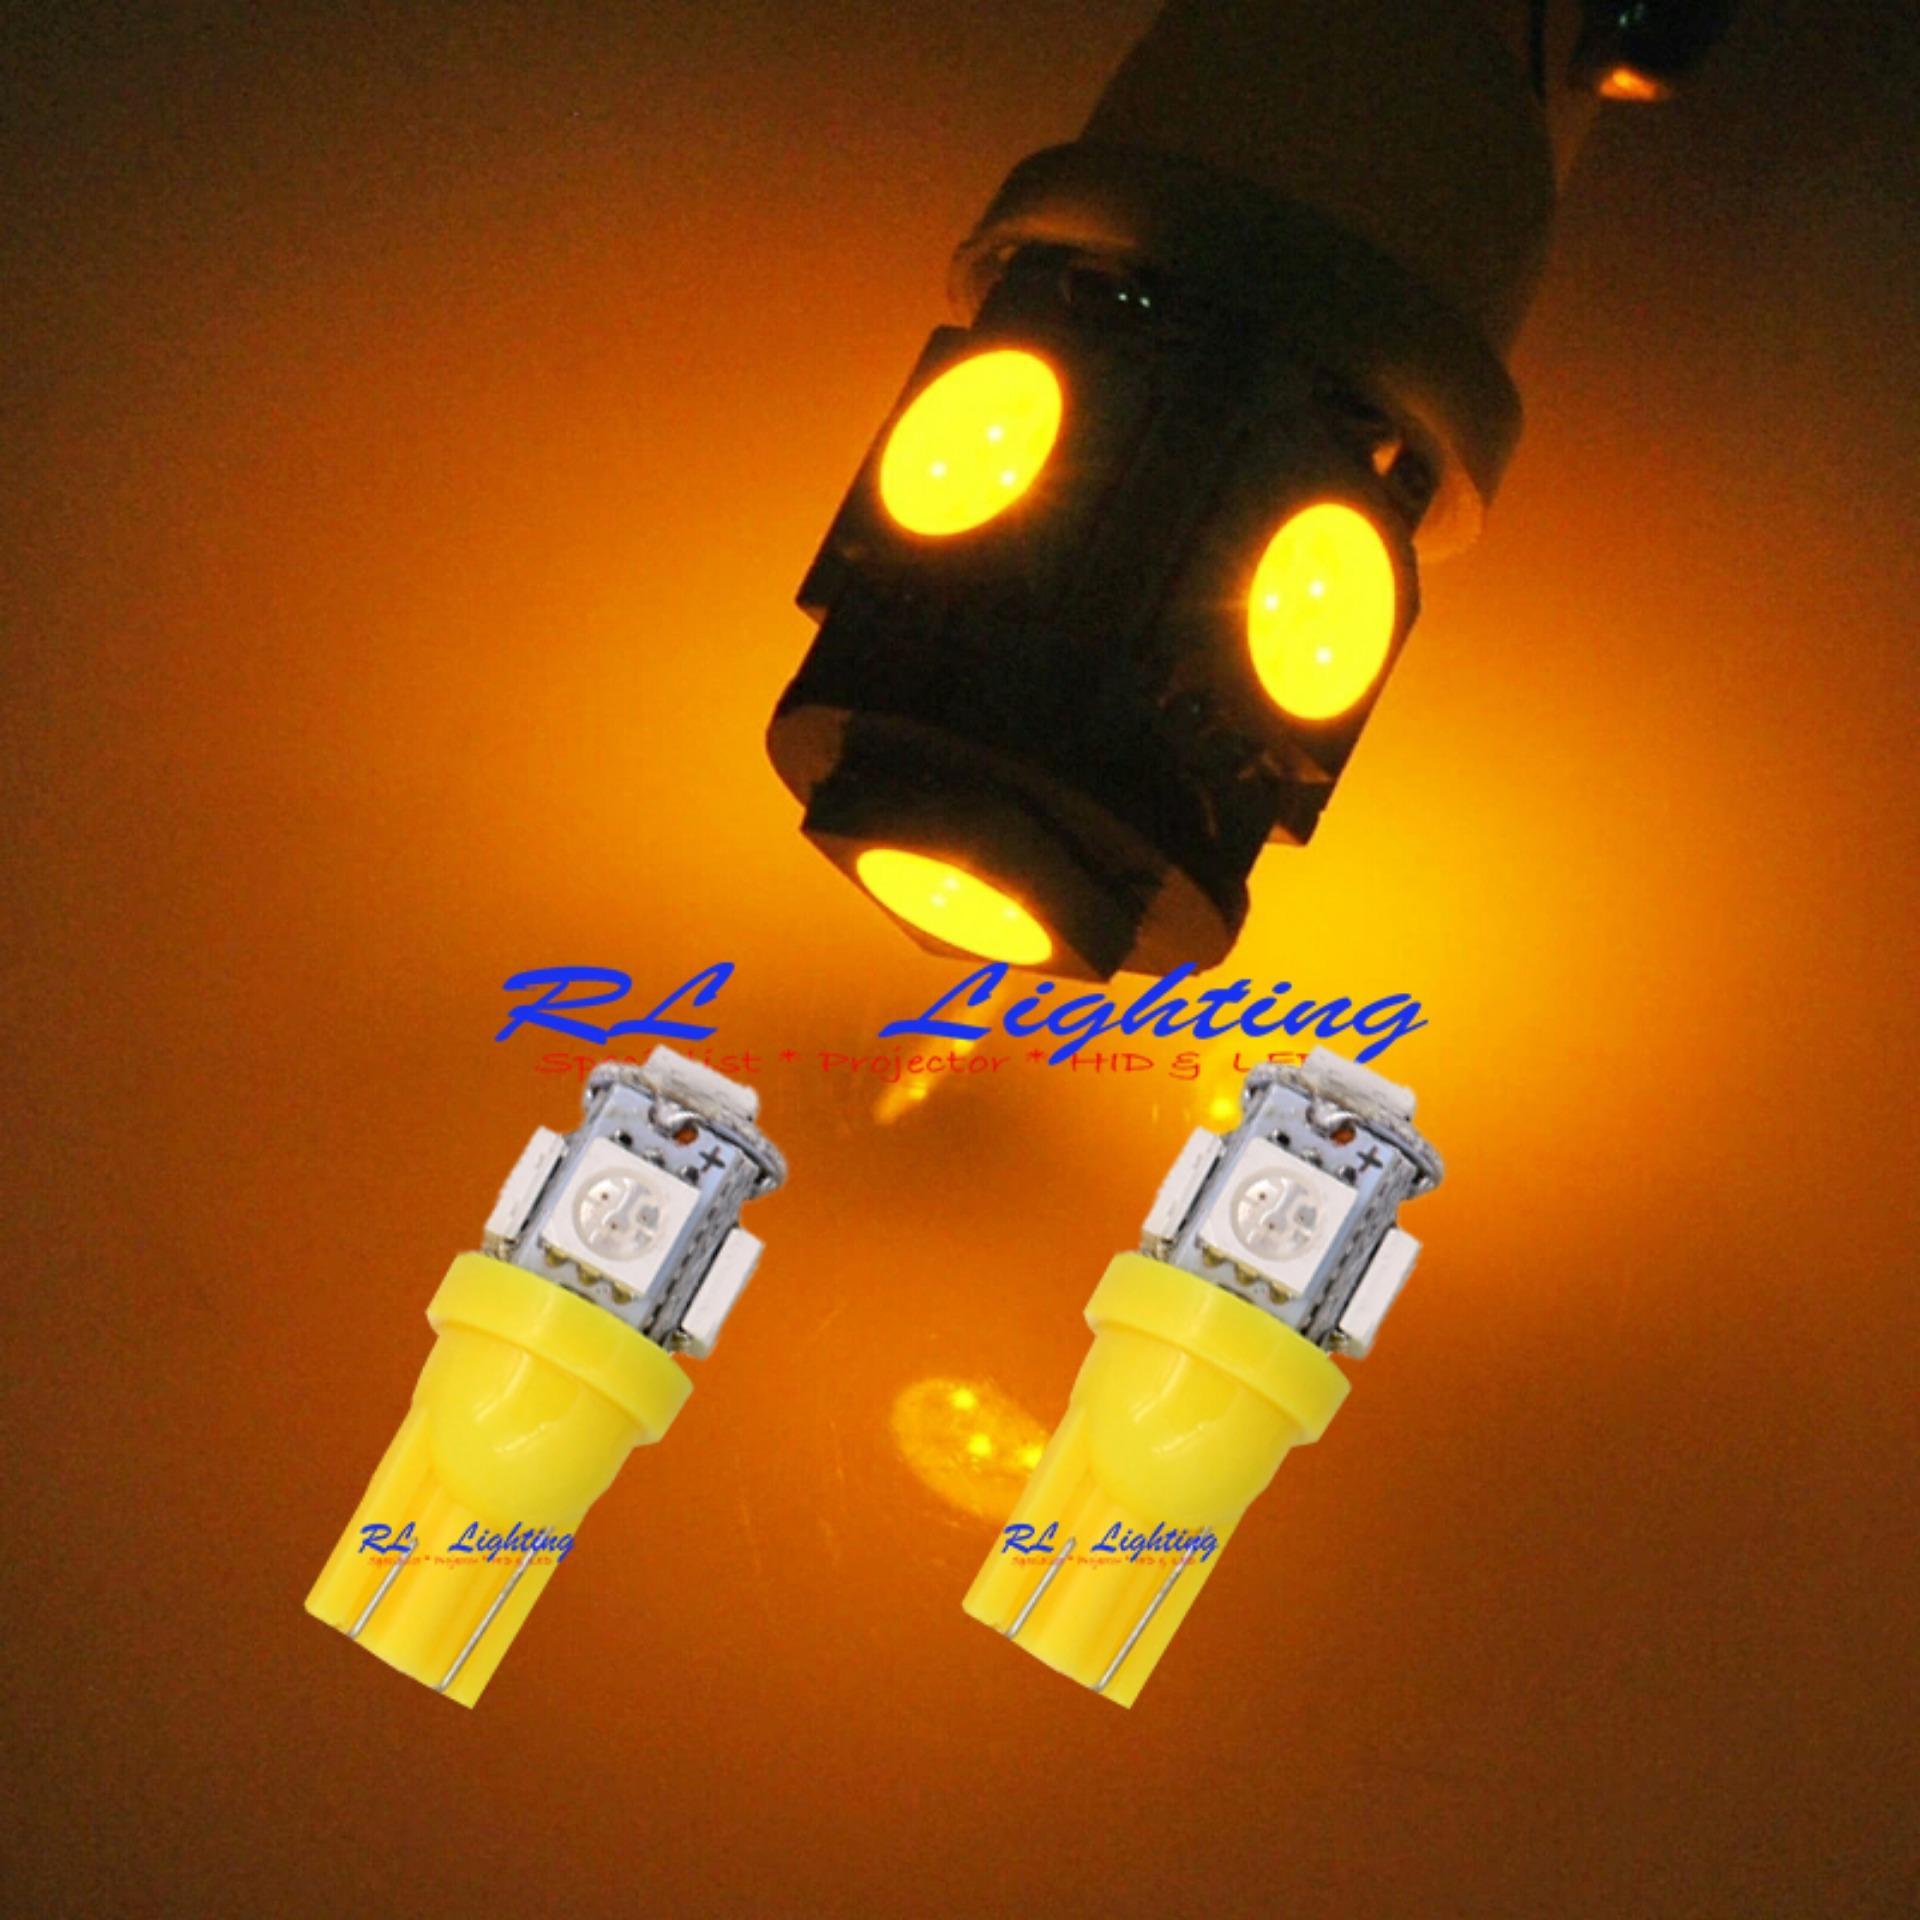 Kehebatan 2bh Led Alis Drl Flexible 60cm Merah Grade A Dan Harga Spextrum 30cm Lampu Motor Mobil Warna Warni Senja Bola Cucuk T10 Kuning